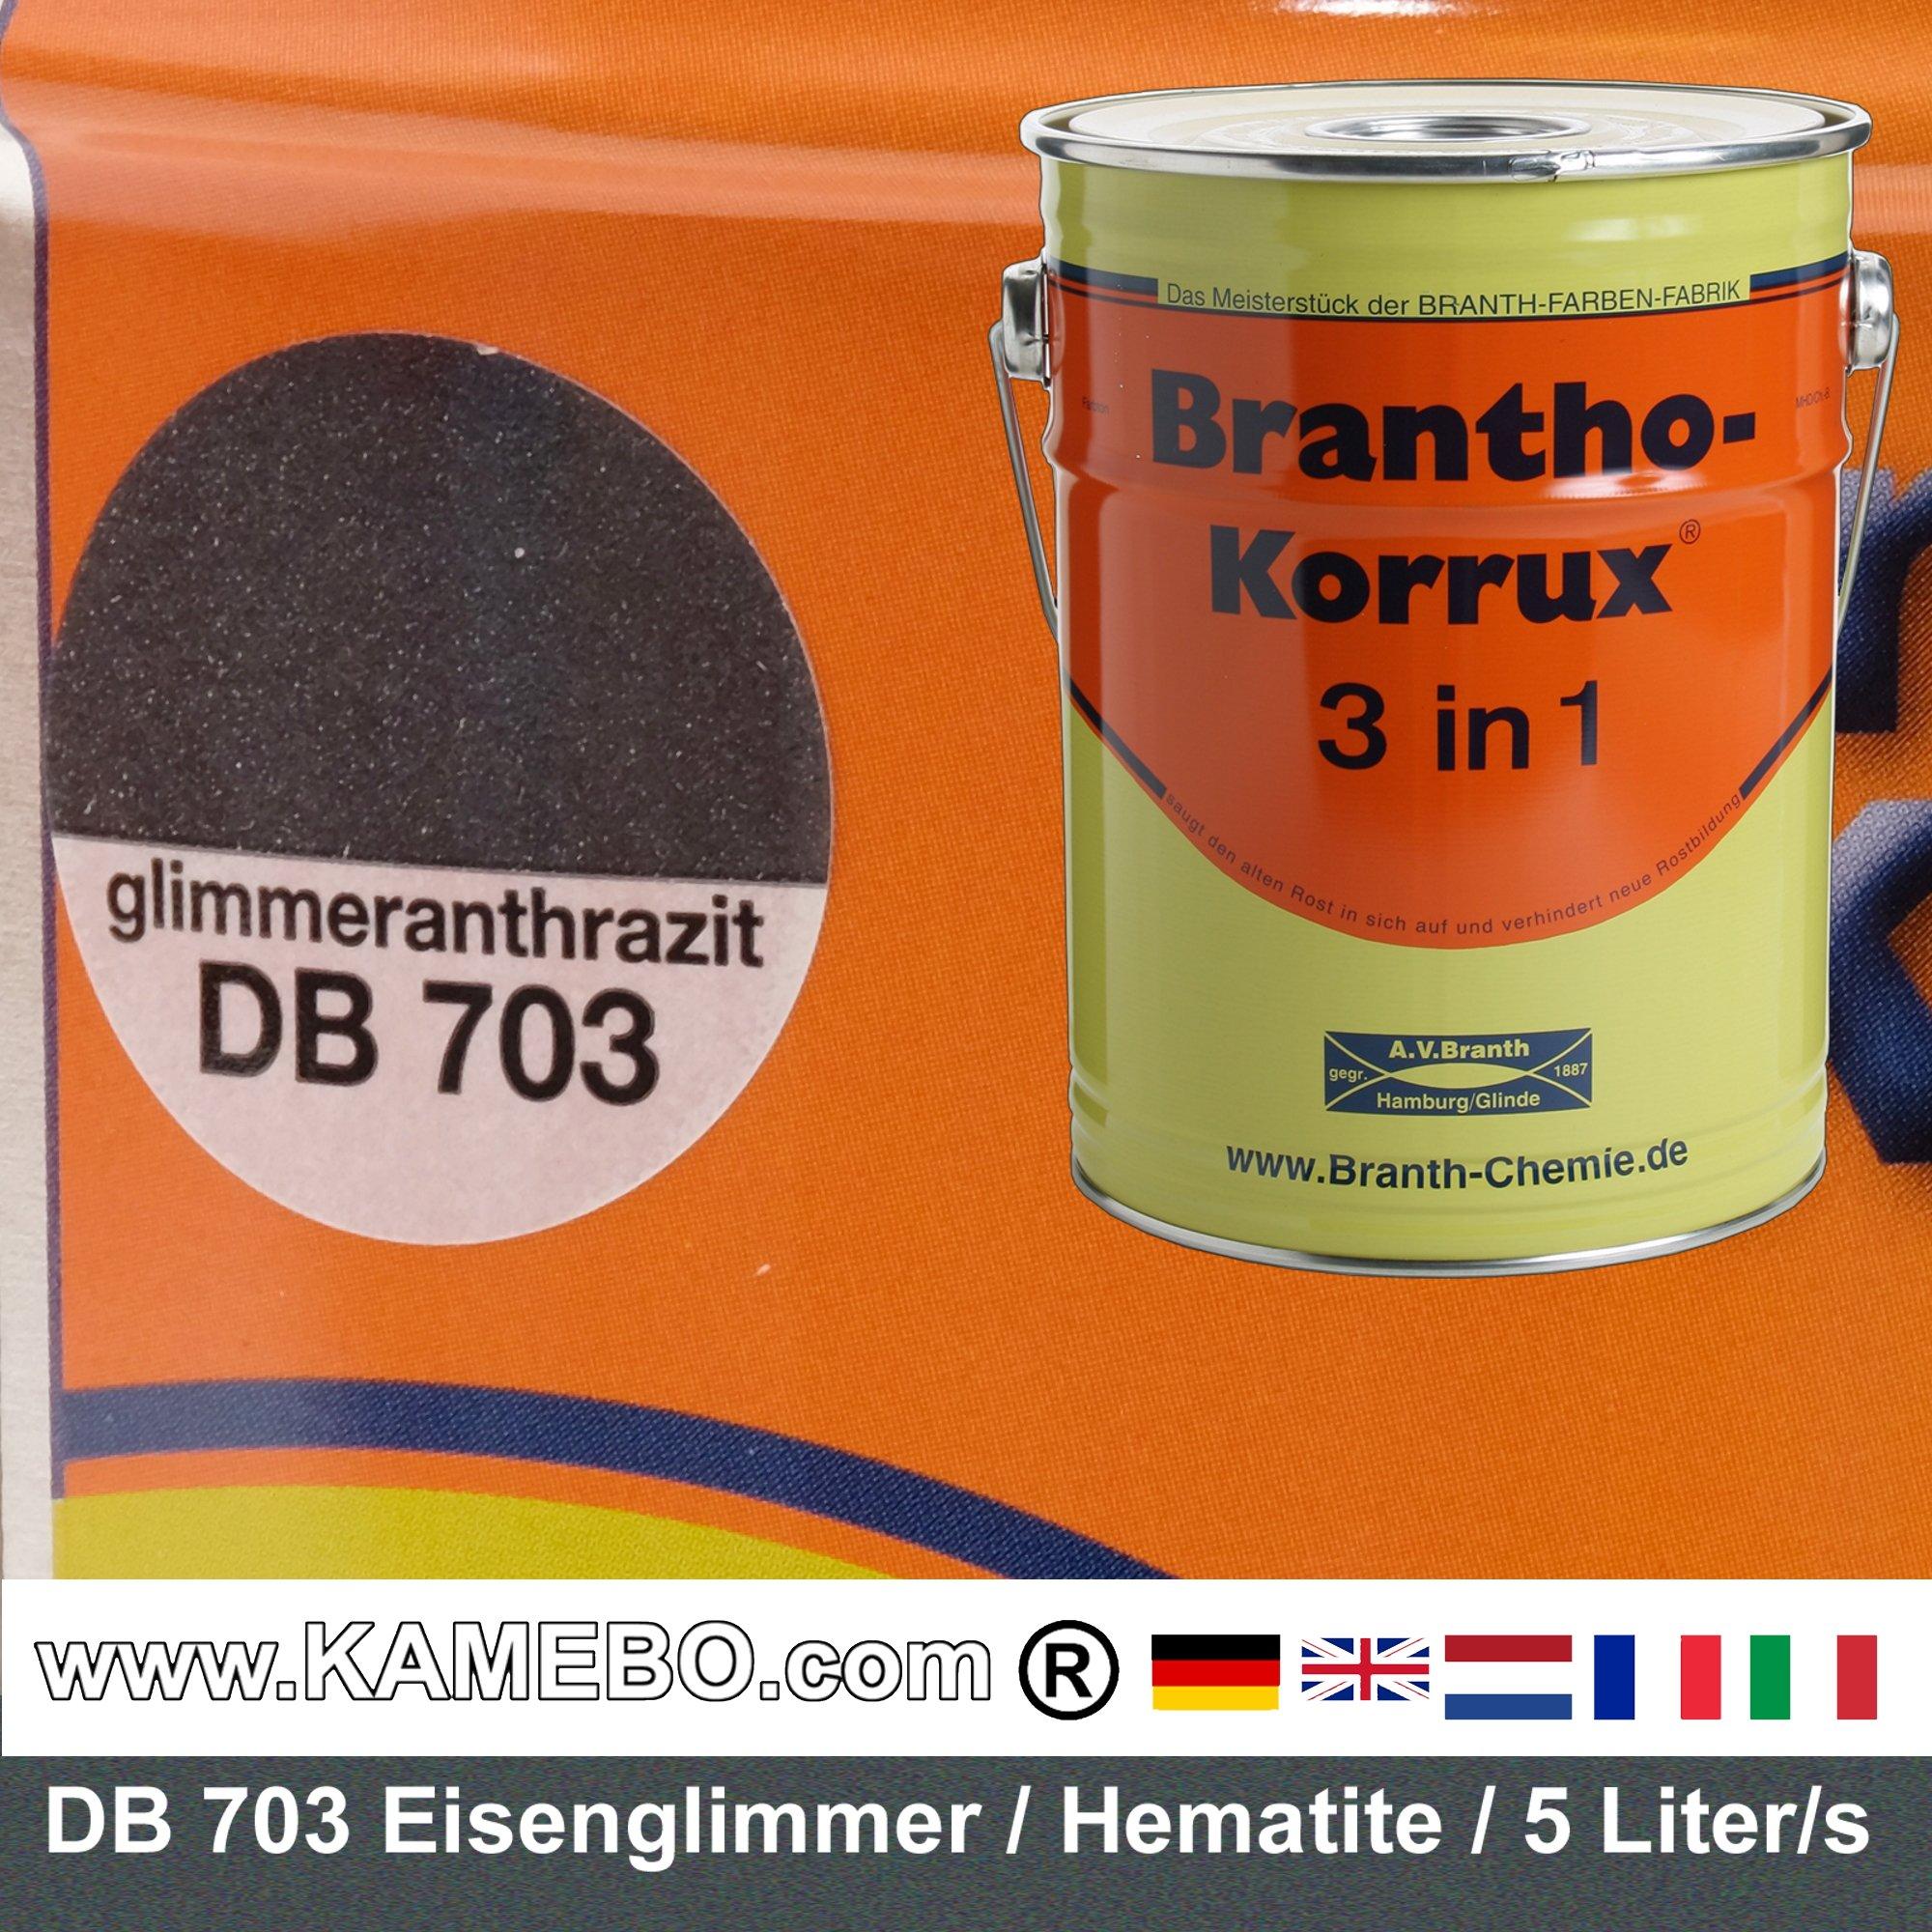 brantho korrux 3in1 peinture antirouille db 703 mica de. Black Bedroom Furniture Sets. Home Design Ideas